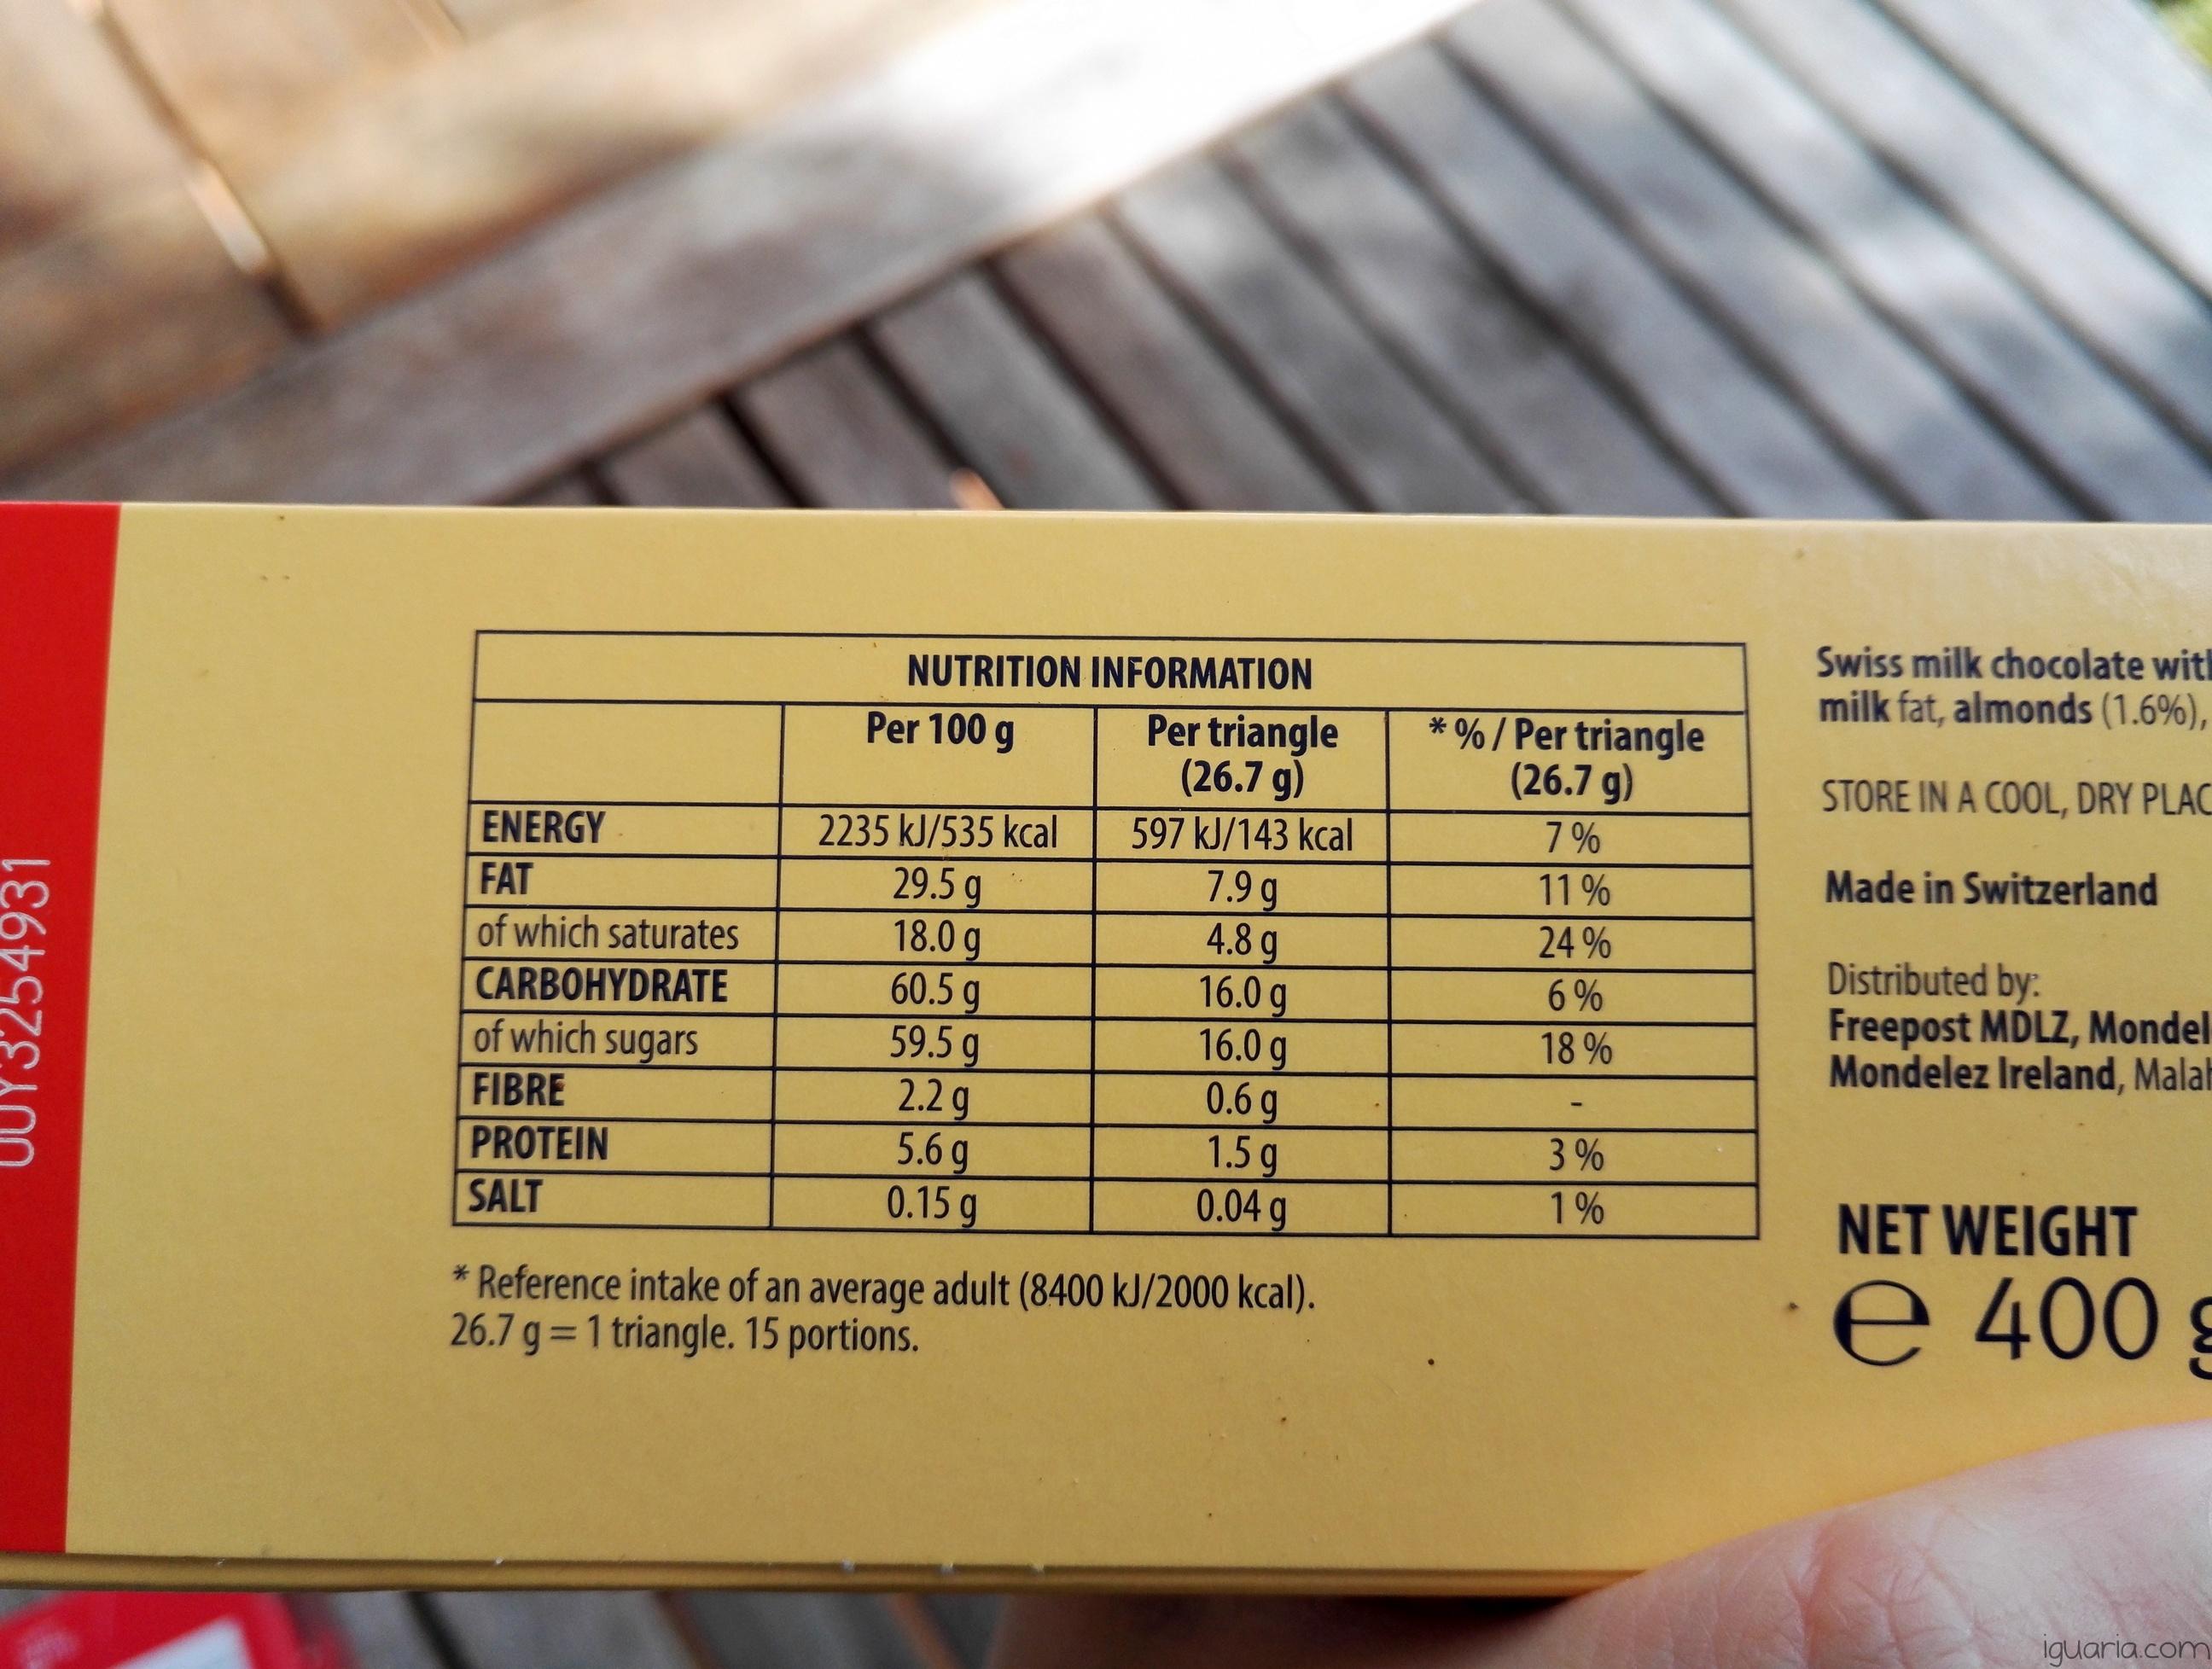 Iguaria_Informacao-Nutricional-Toblerone